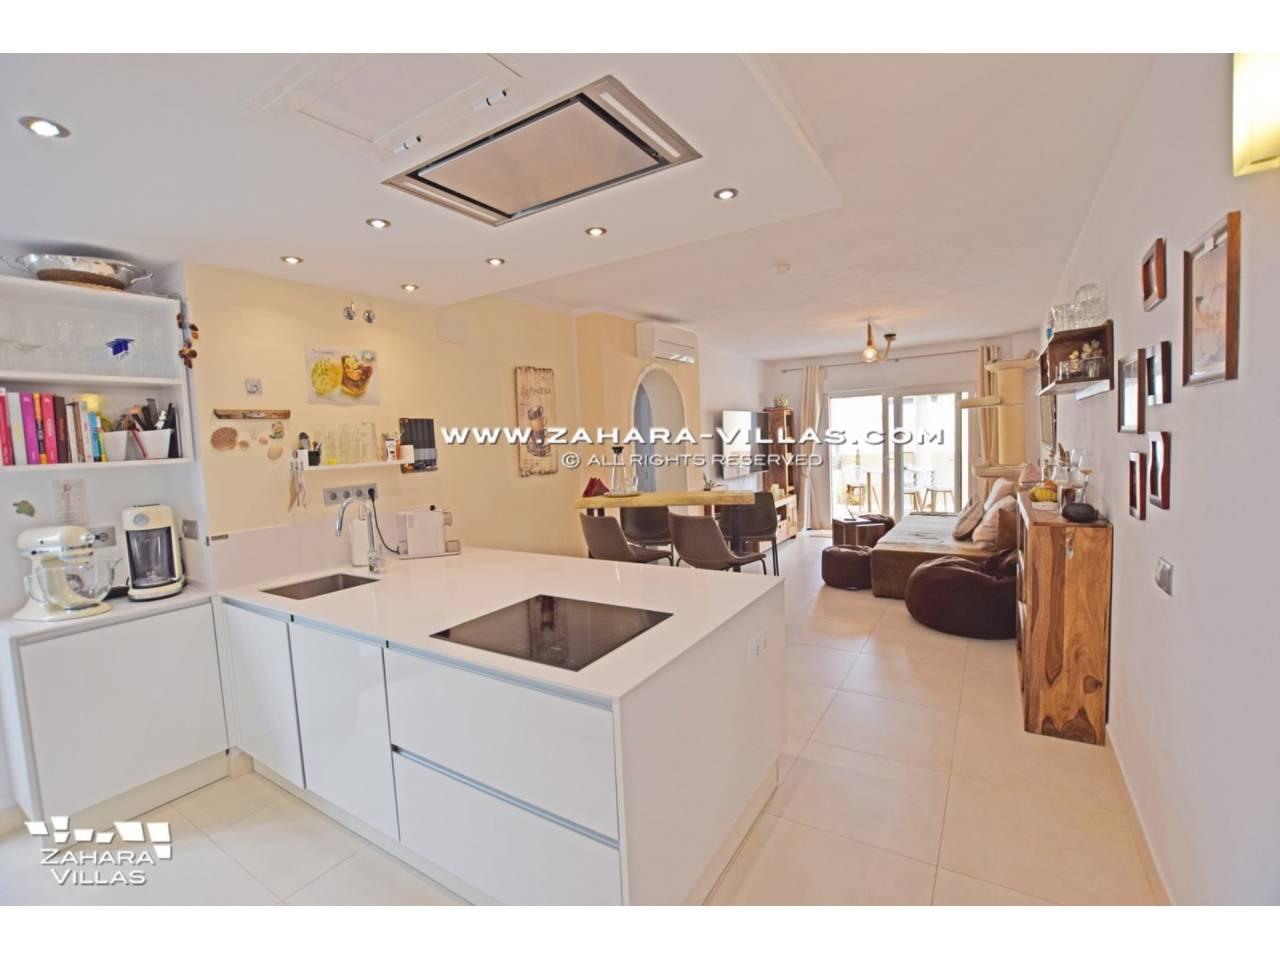 Imagen 5 de Penthouse appartment reformed for sale in Costa de la Luz